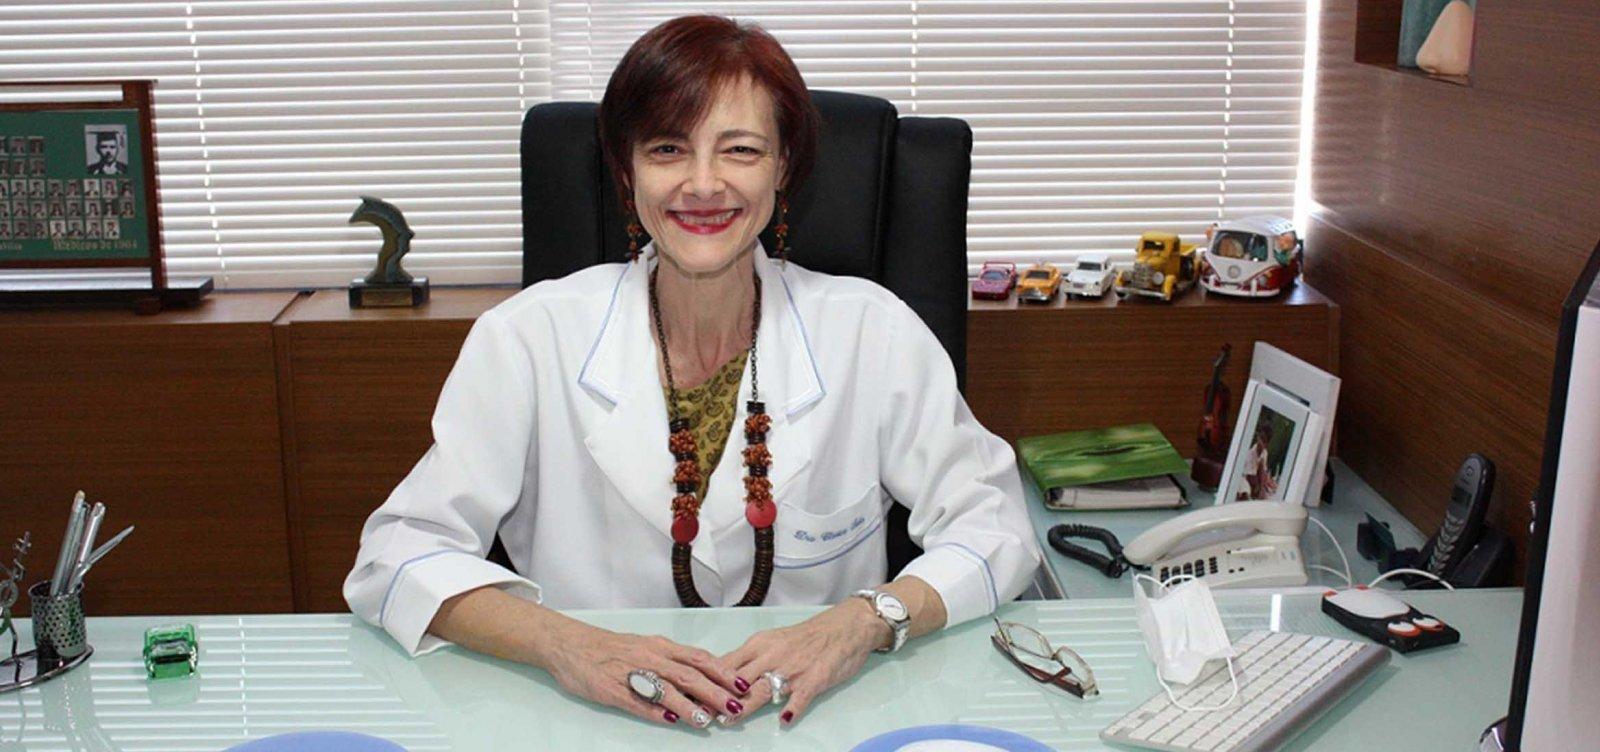 Sindicalista reclama de dificuldade da categoria dos médicos para dialogar com prefeitura e governo